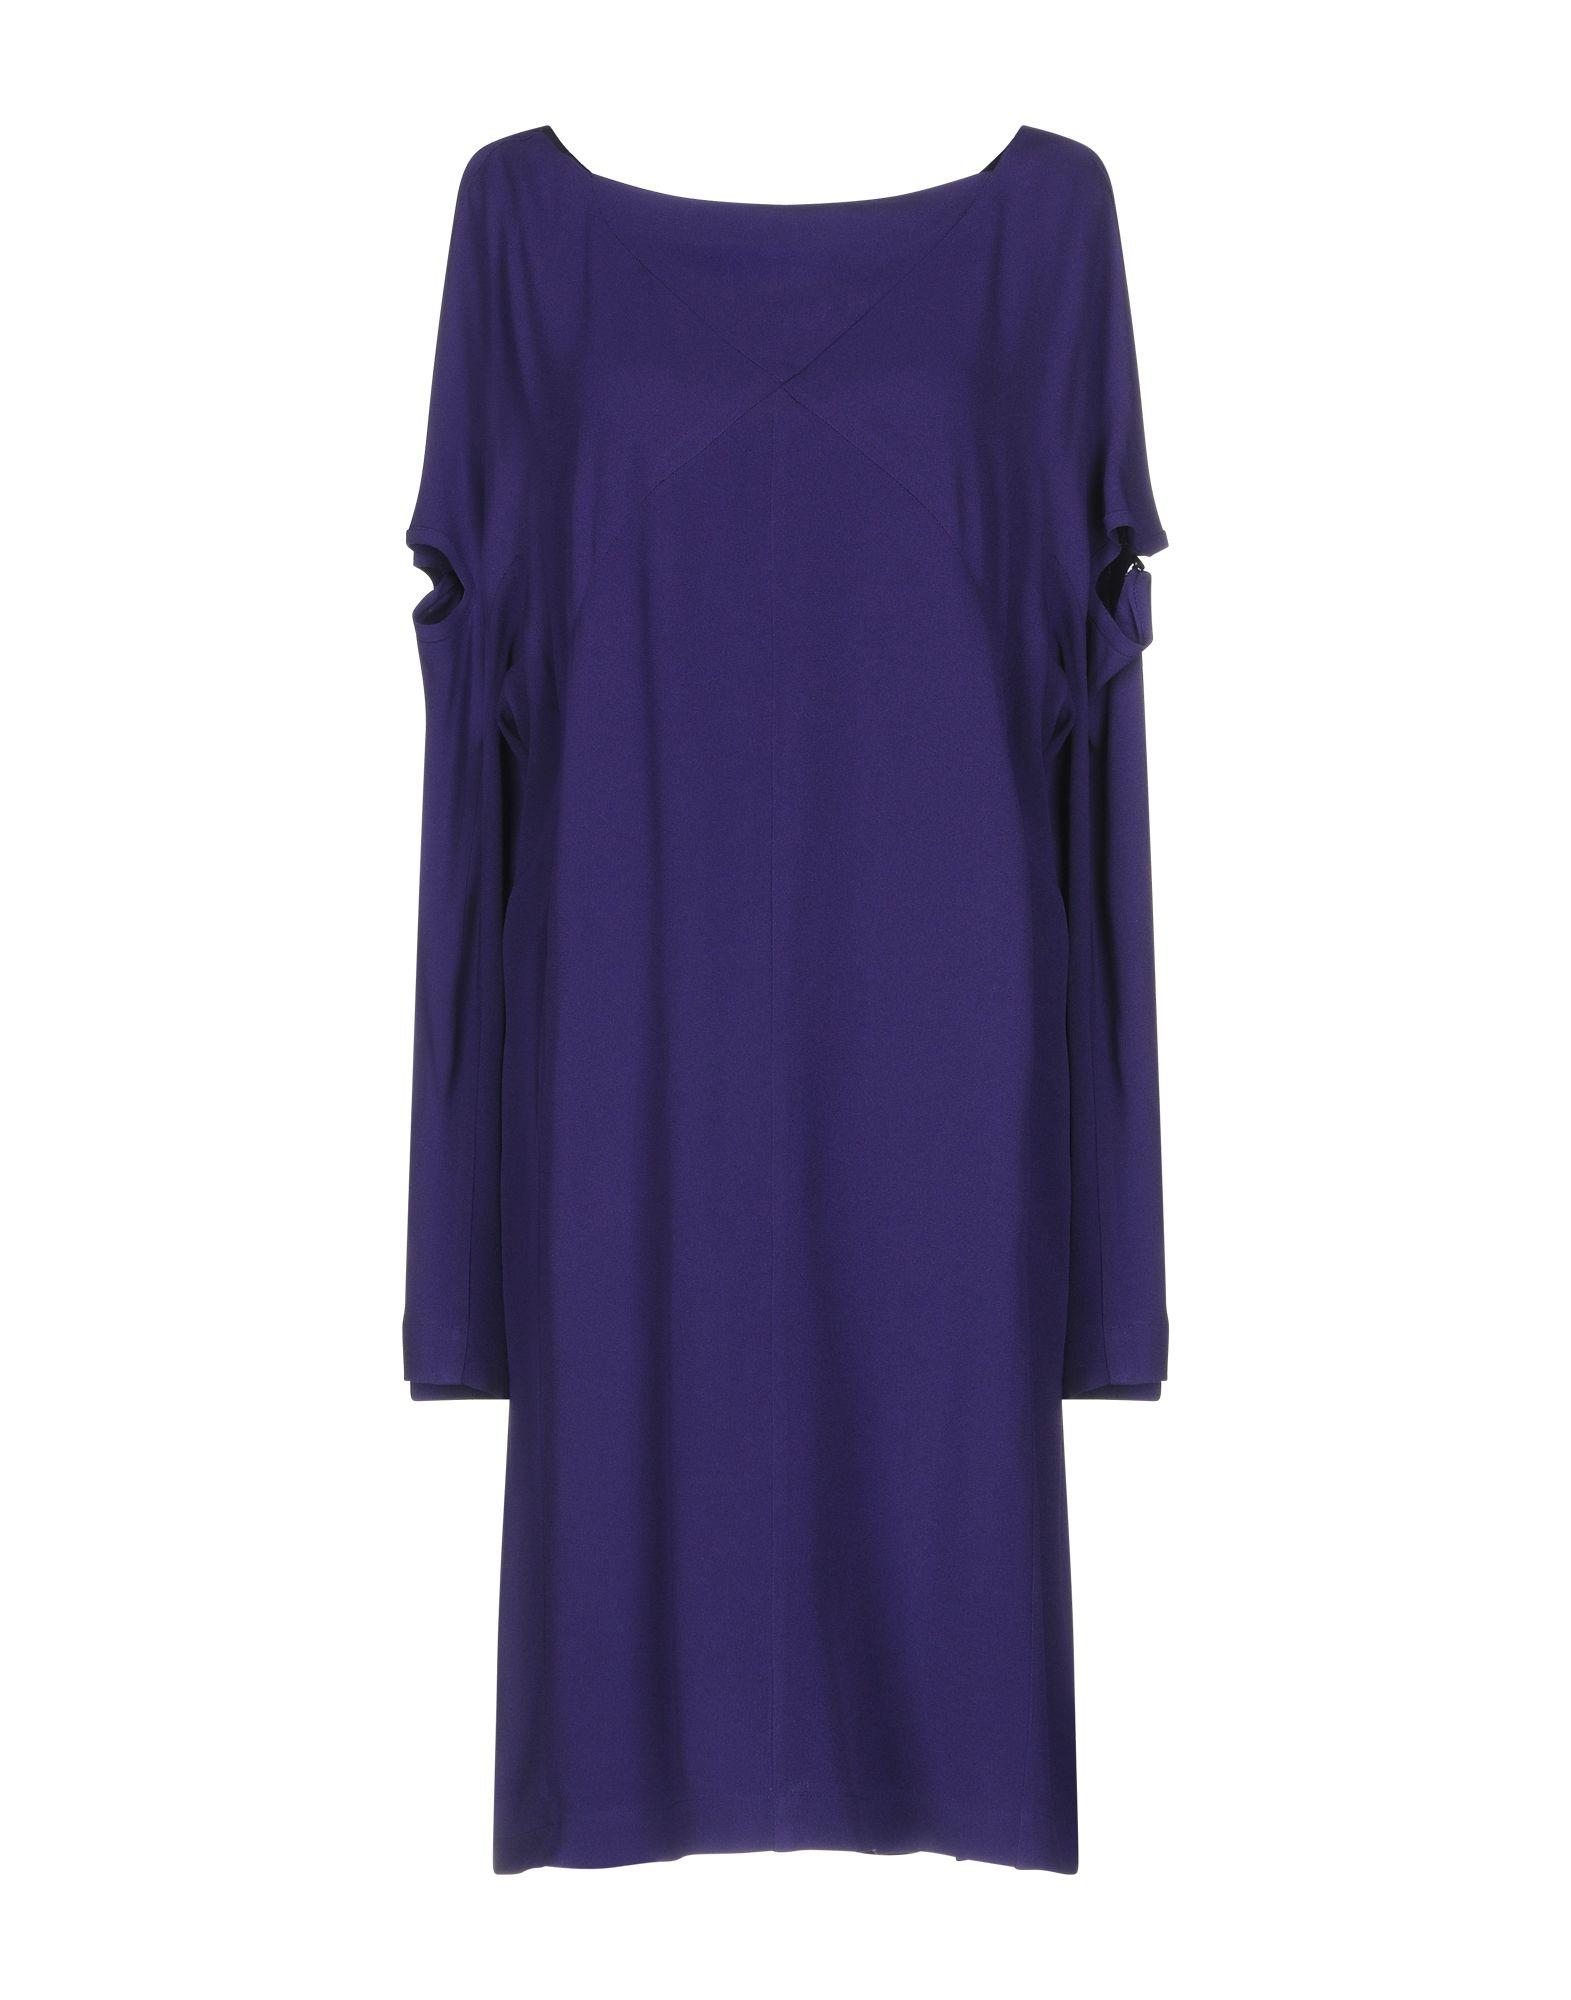 LUTZ HUELLE Short Dress in Purple